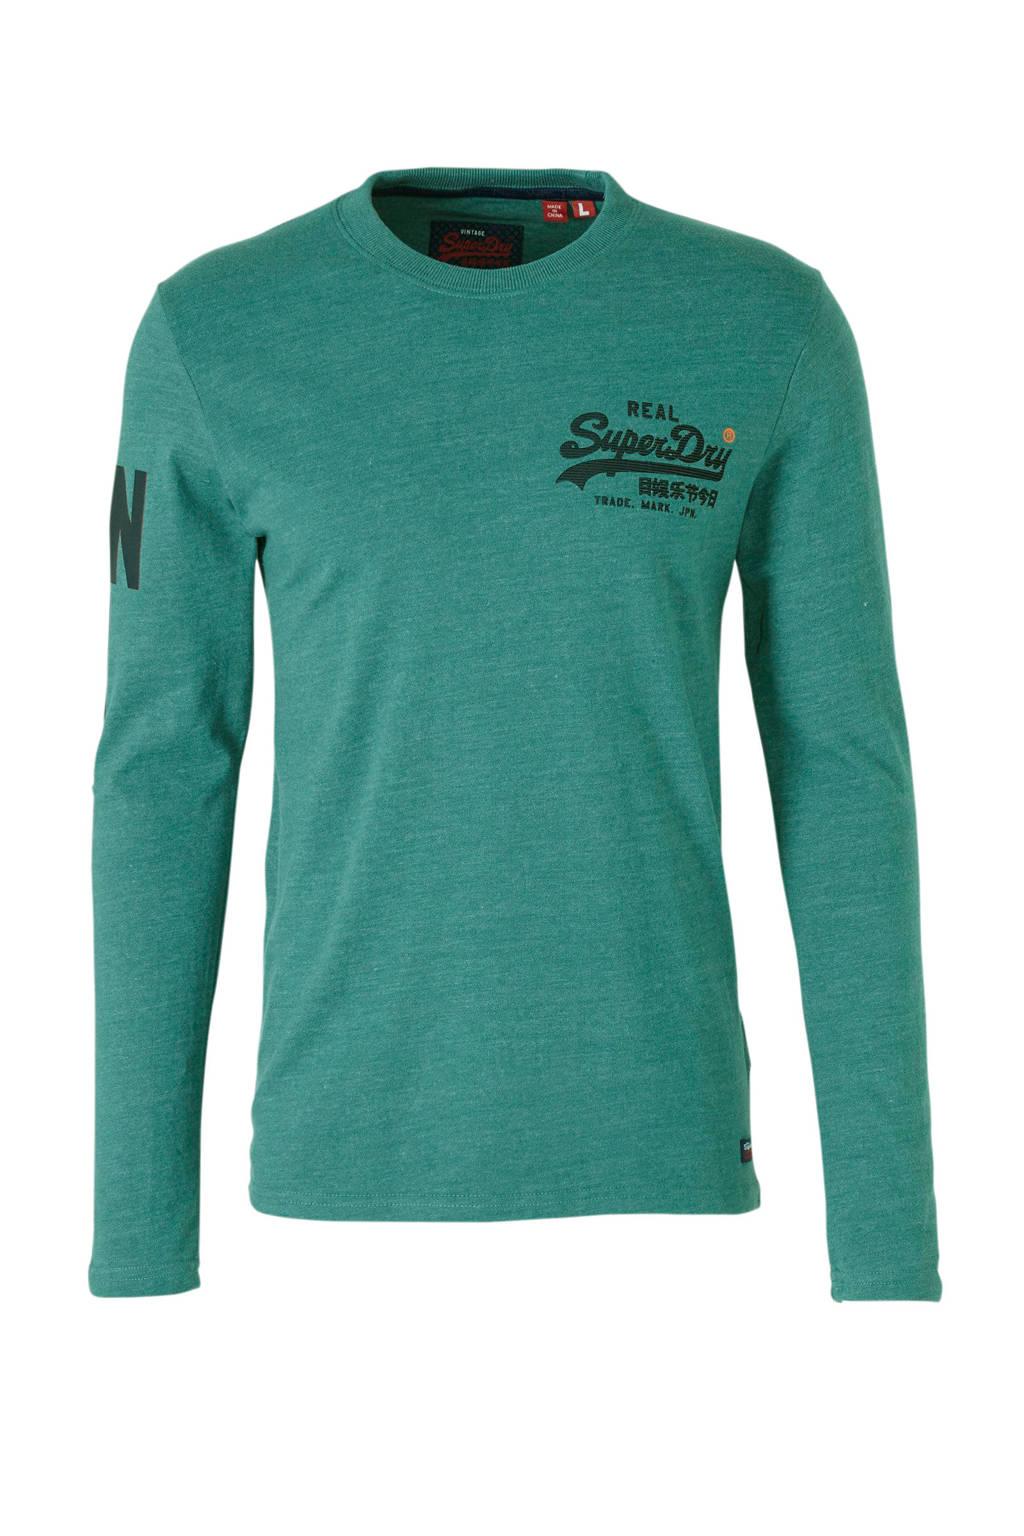 6ed24b4b3c9 Superdry gemêleerd T-shirt met logo | wehkamp